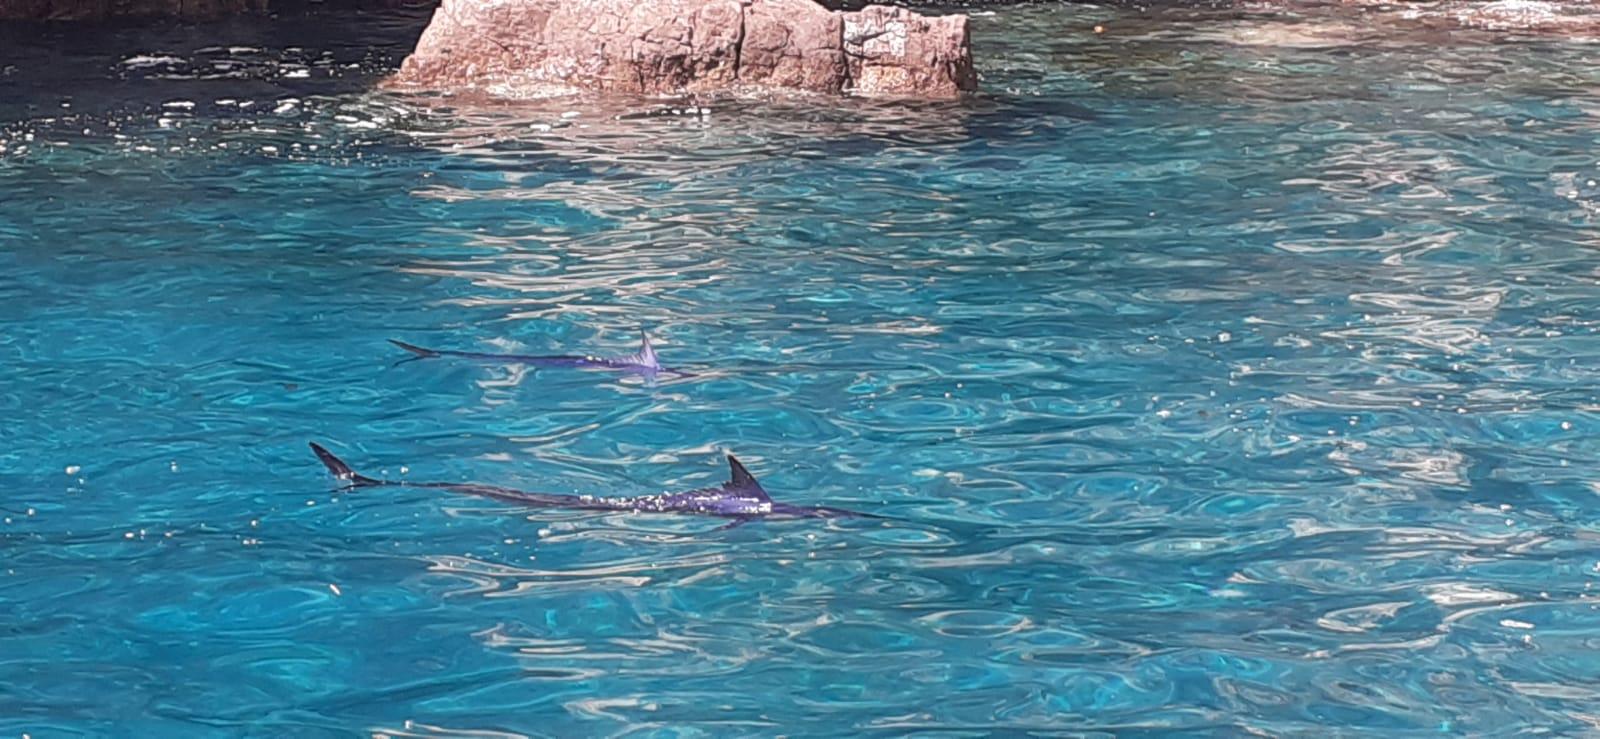 Raro avvistamento nel Parco Marino di Punta Campanella. Due aguglie imperiali